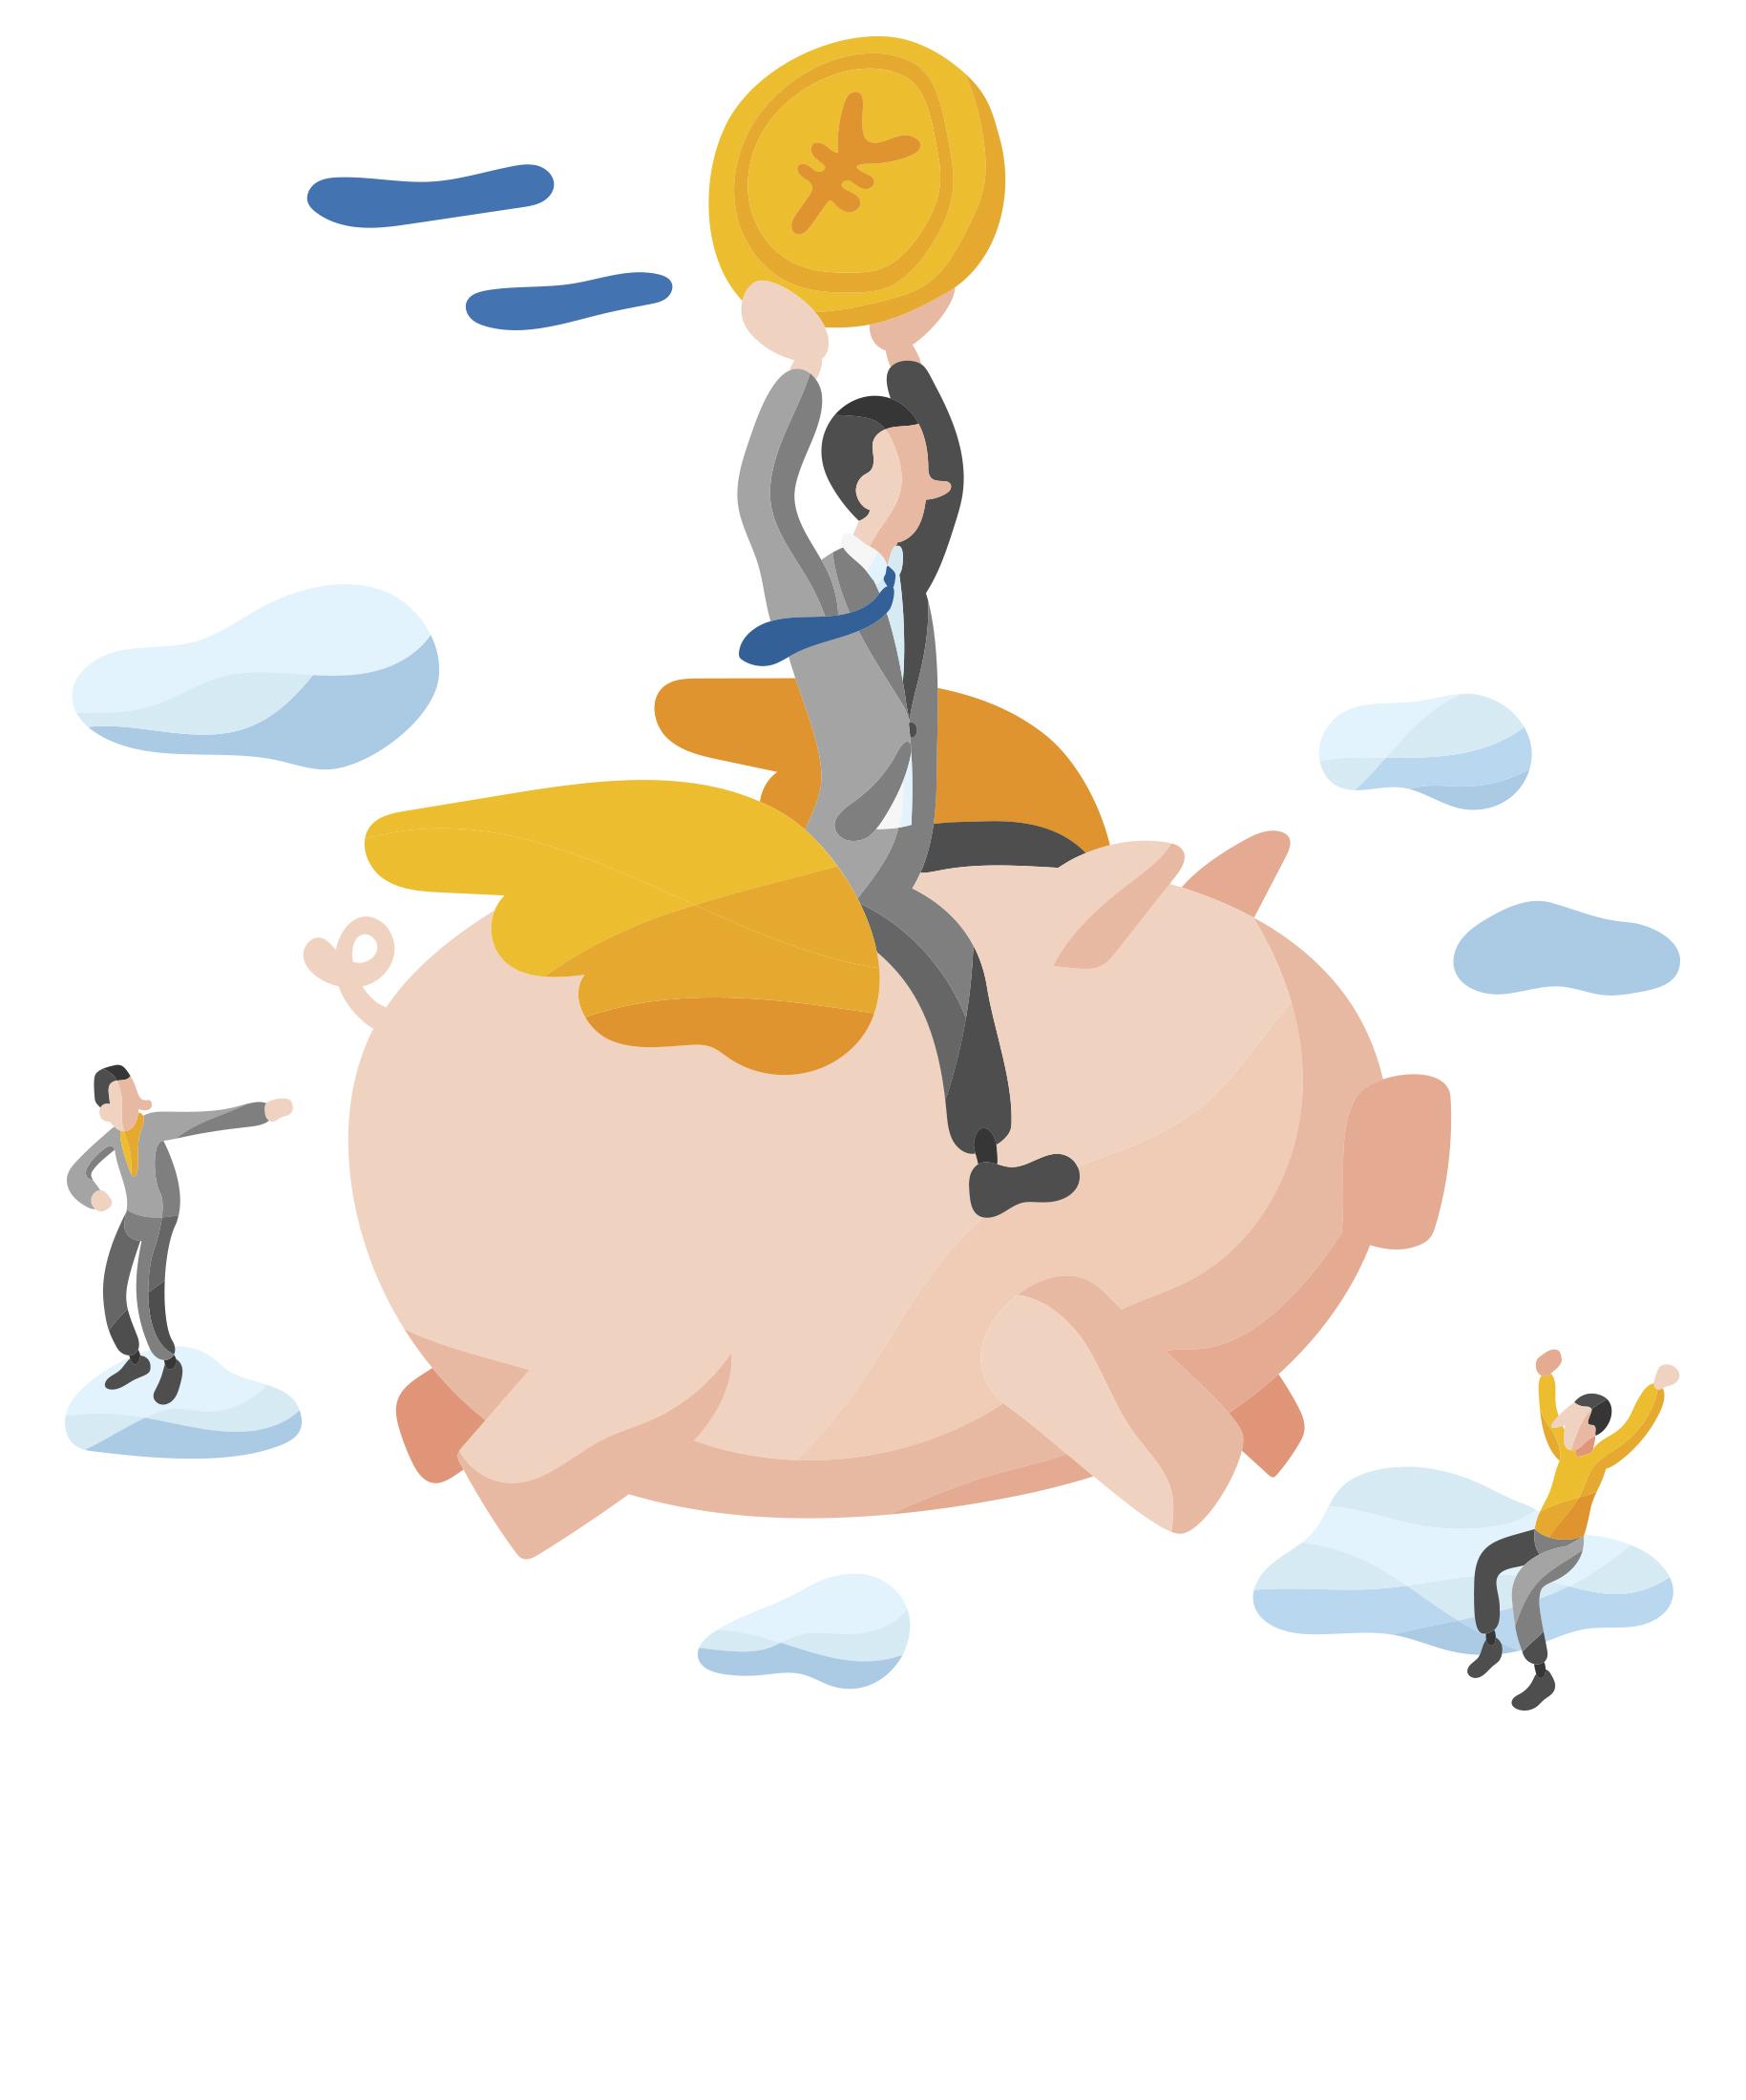 翻訳コストを削減 - Honyaku Cloudの導入によって、従来の翻訳会社より安価な価格を実現し、大幅なコスト削減に繋がる顧客が多くいます。